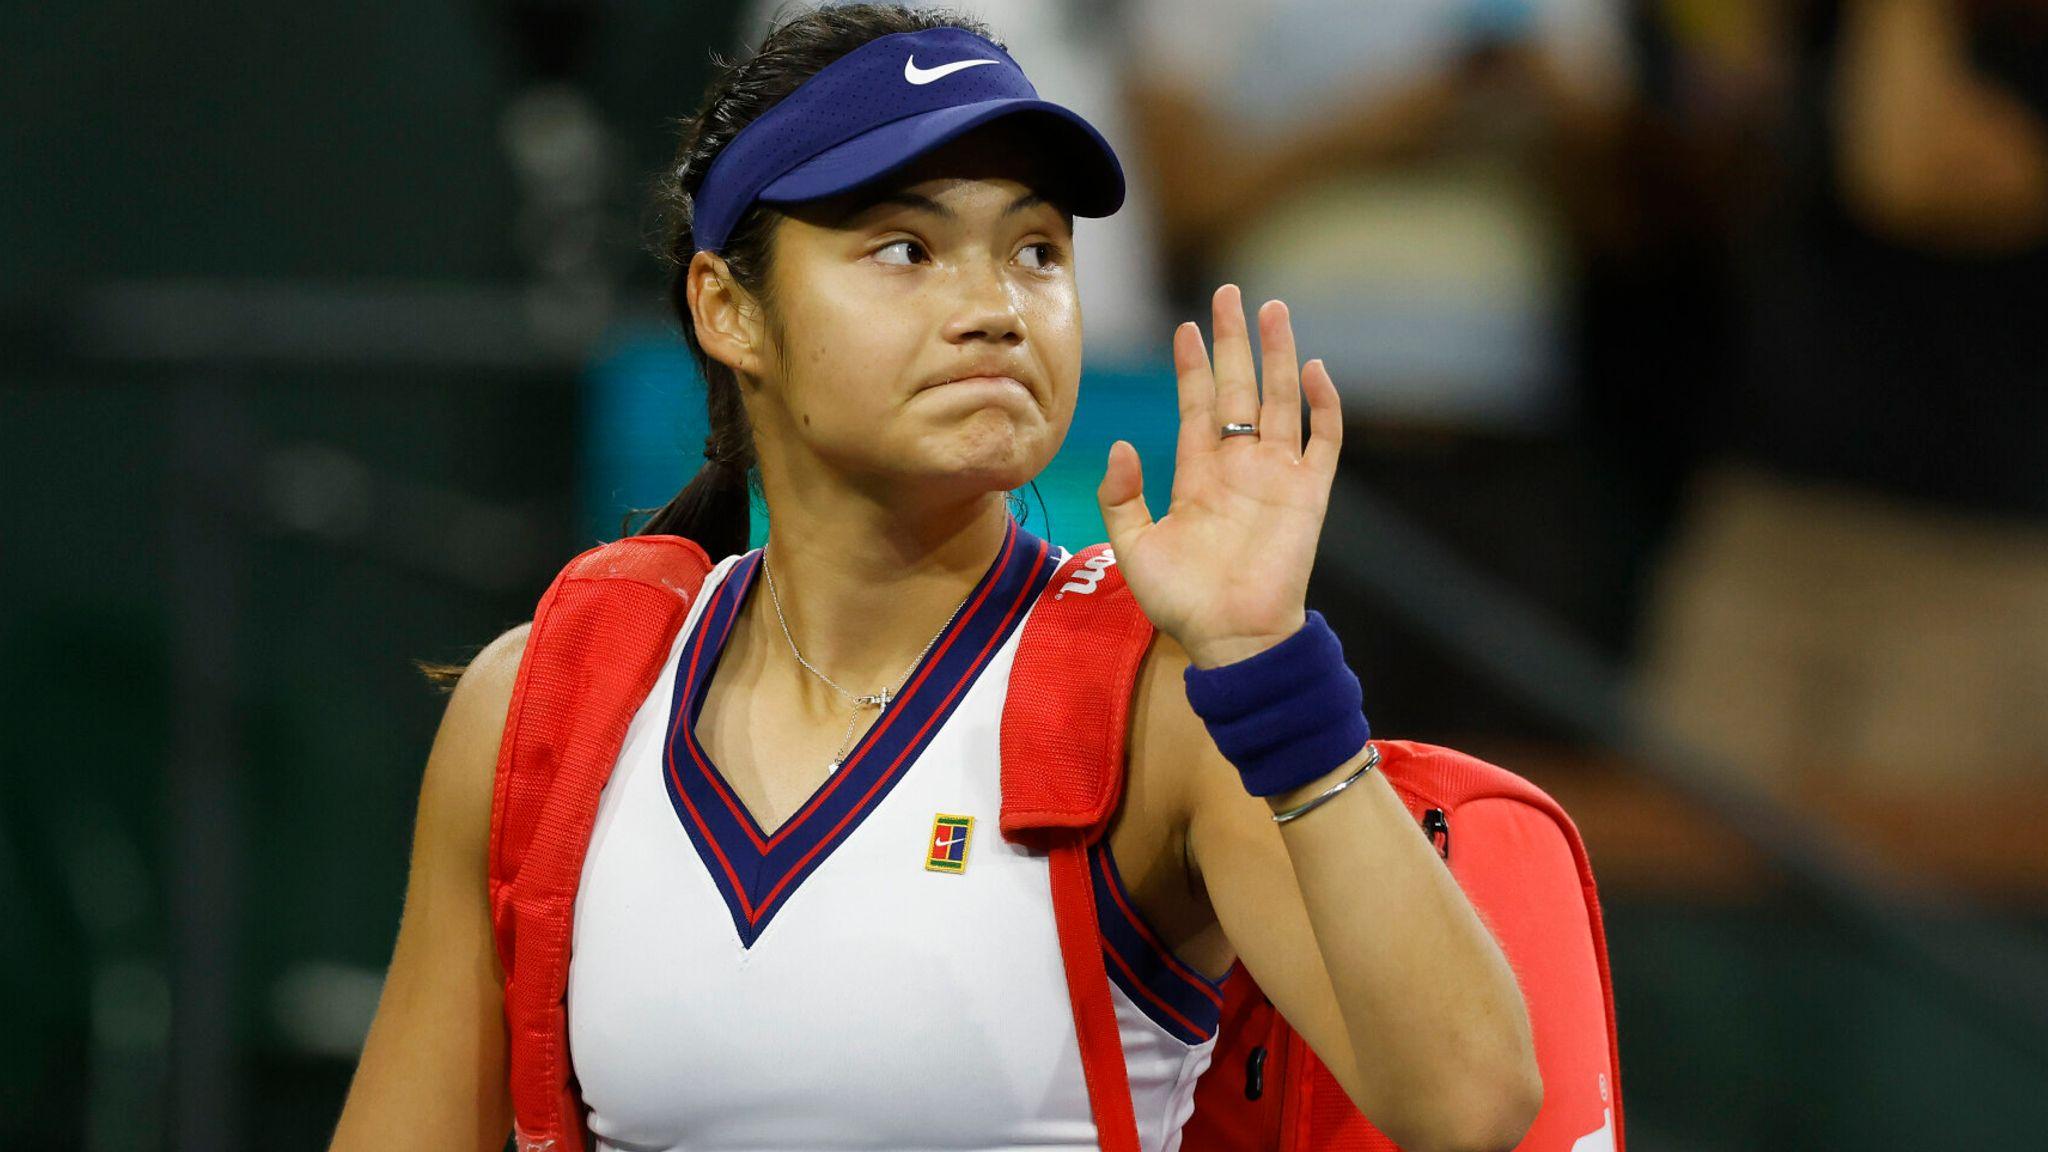 Raducanu sẽ chơi thêm ba giải sau BNP Paribas Open, trước khi nghỉ cuối năm và chuẩn bị cho mùa 2022. Ảnh: WTA